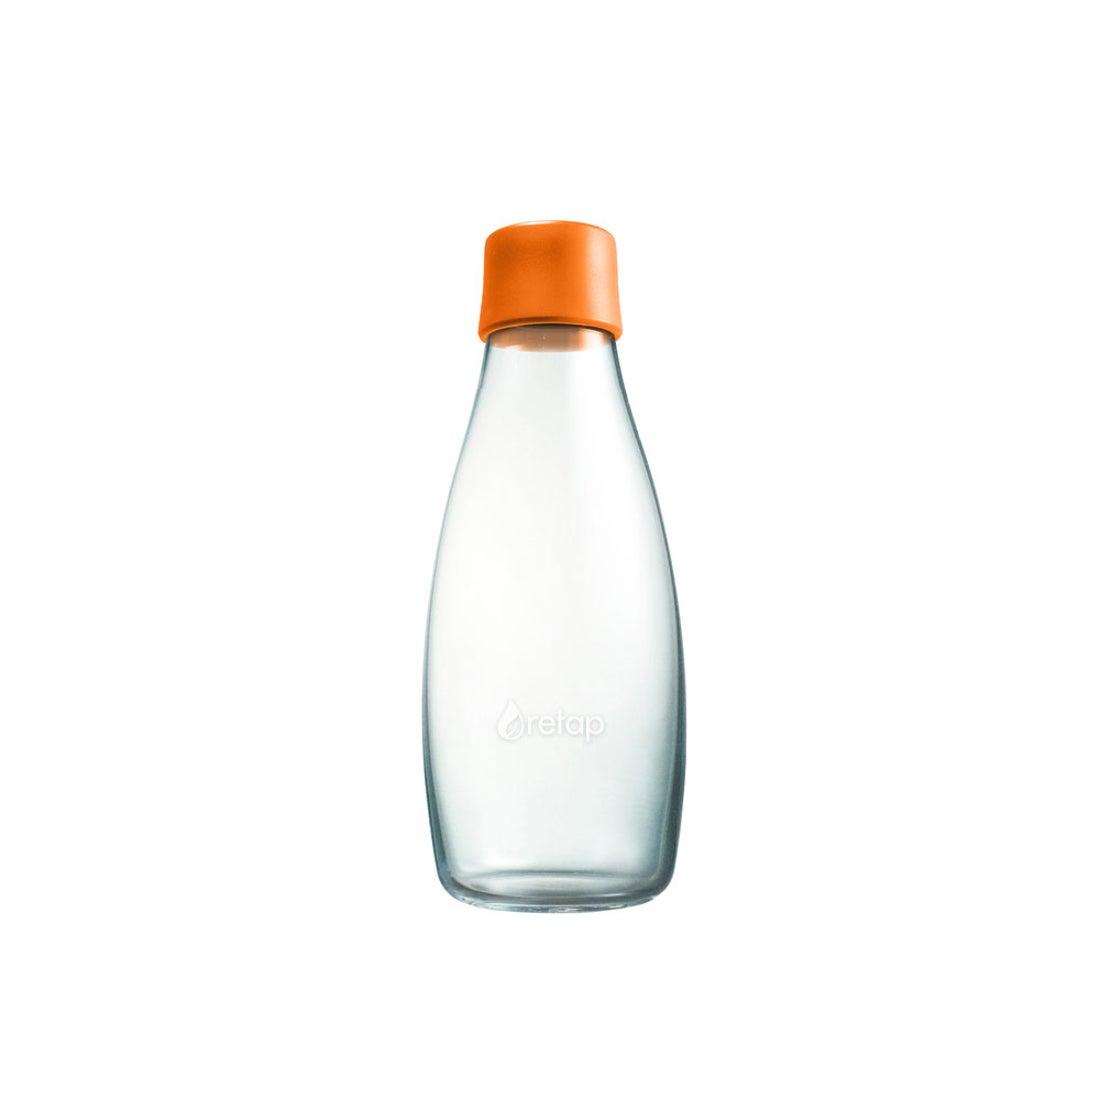 ノーブランド No Brand retapbottle05 リタップボトル 500ml (オレンジ)